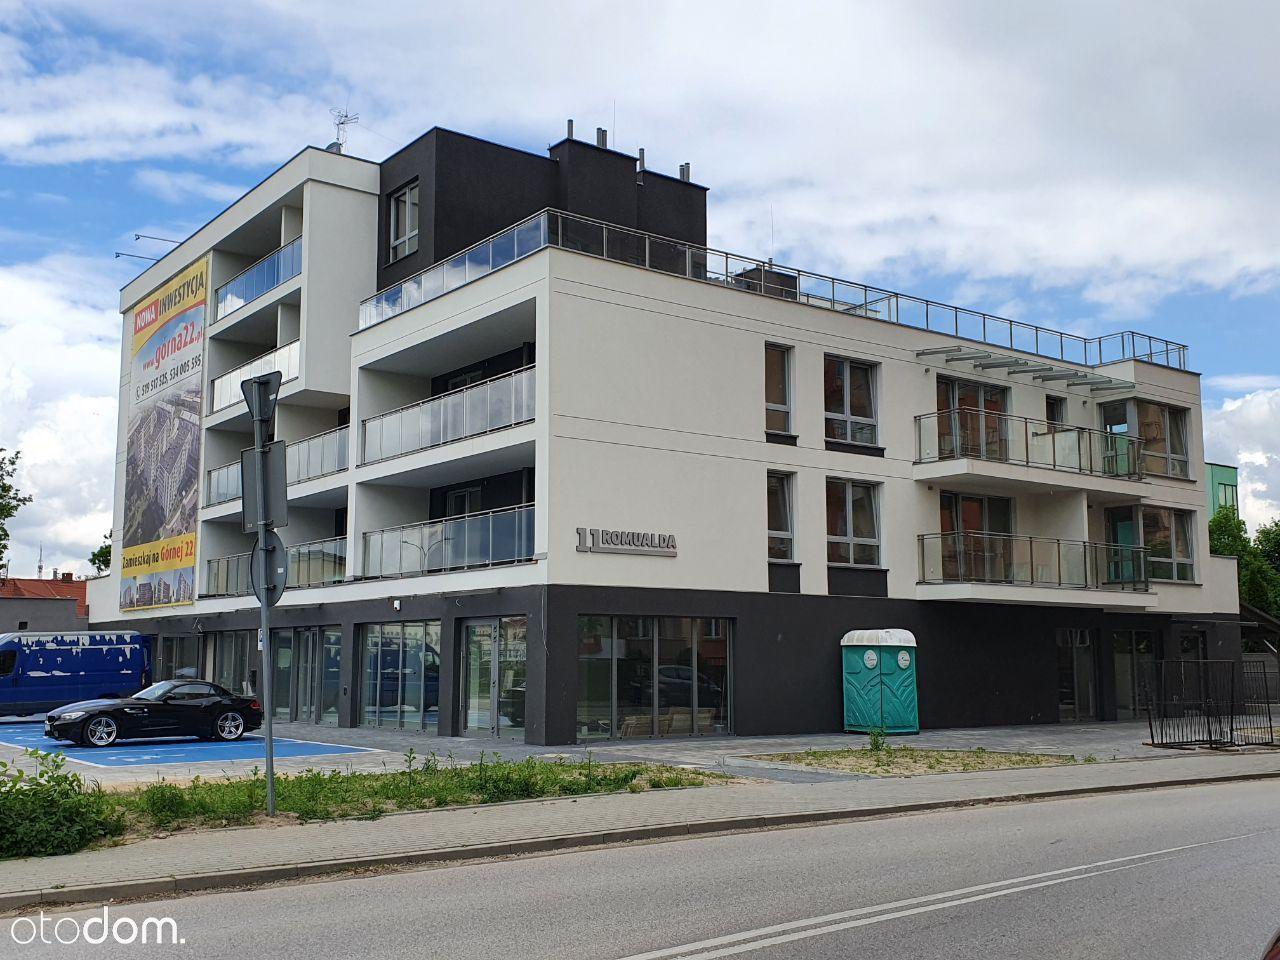 Kawalerka 30m² w apartamentowcu ul. Romualda 11